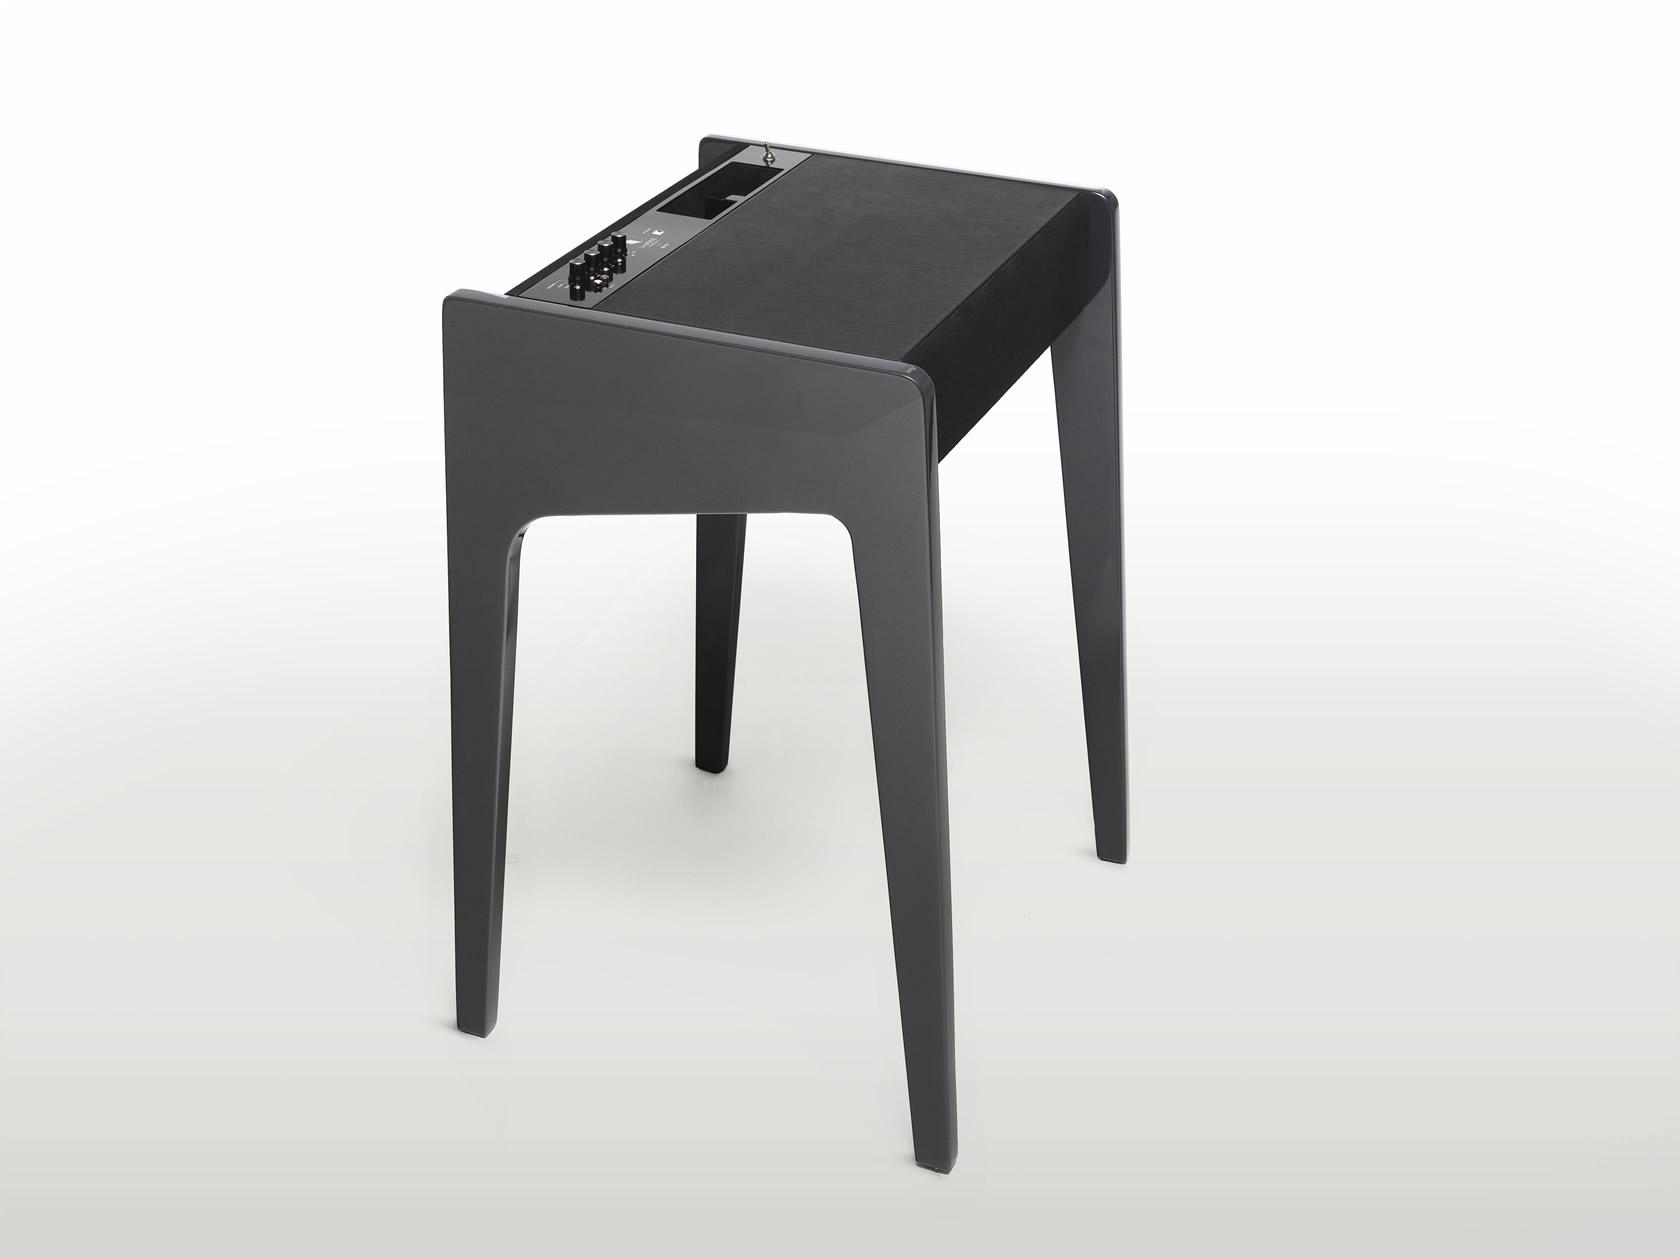 le ld 120 de chez la boite concept portables4gamers. Black Bedroom Furniture Sets. Home Design Ideas